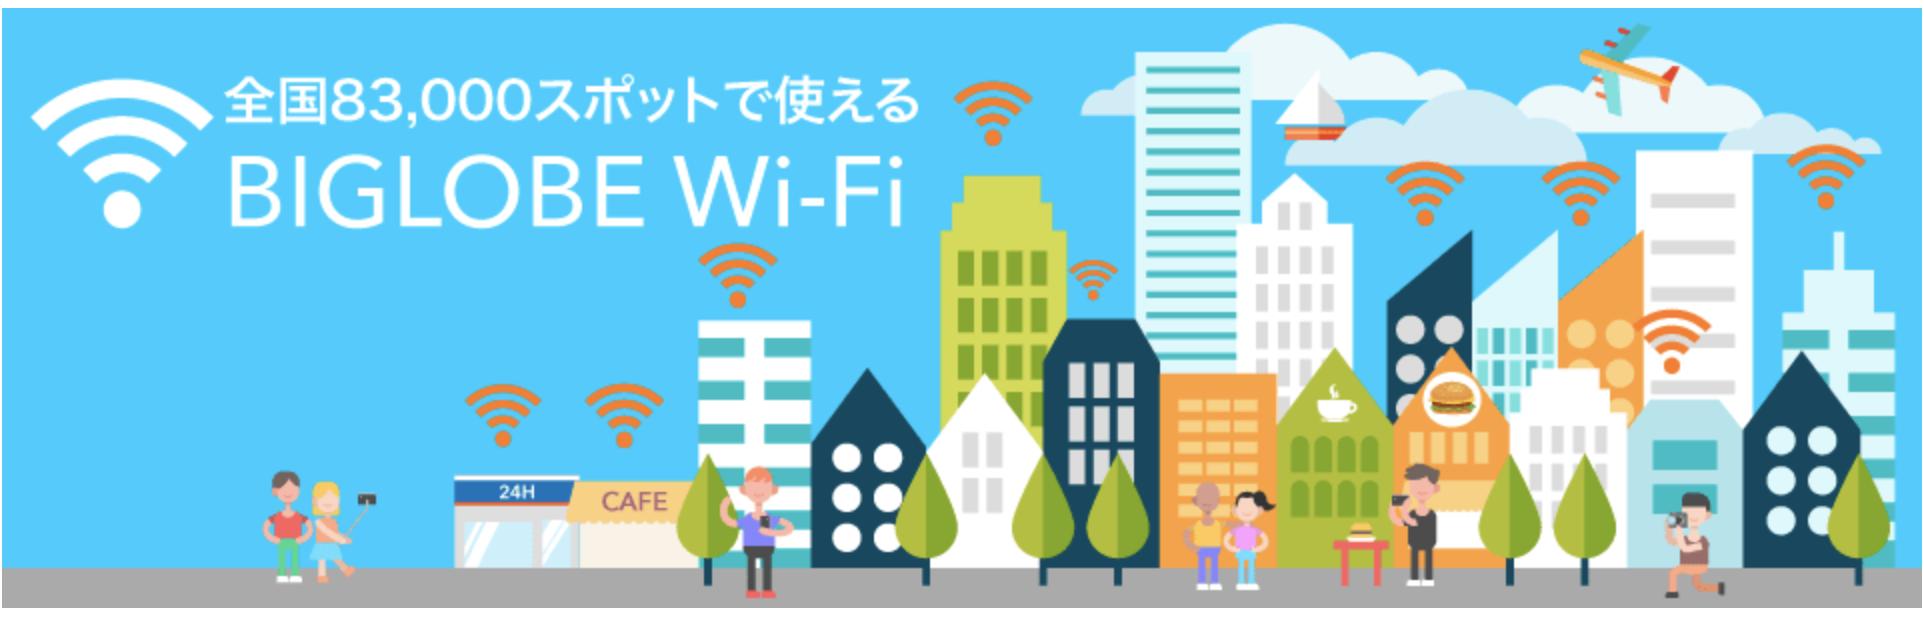 BIGLOBEモバイル Wi-fi